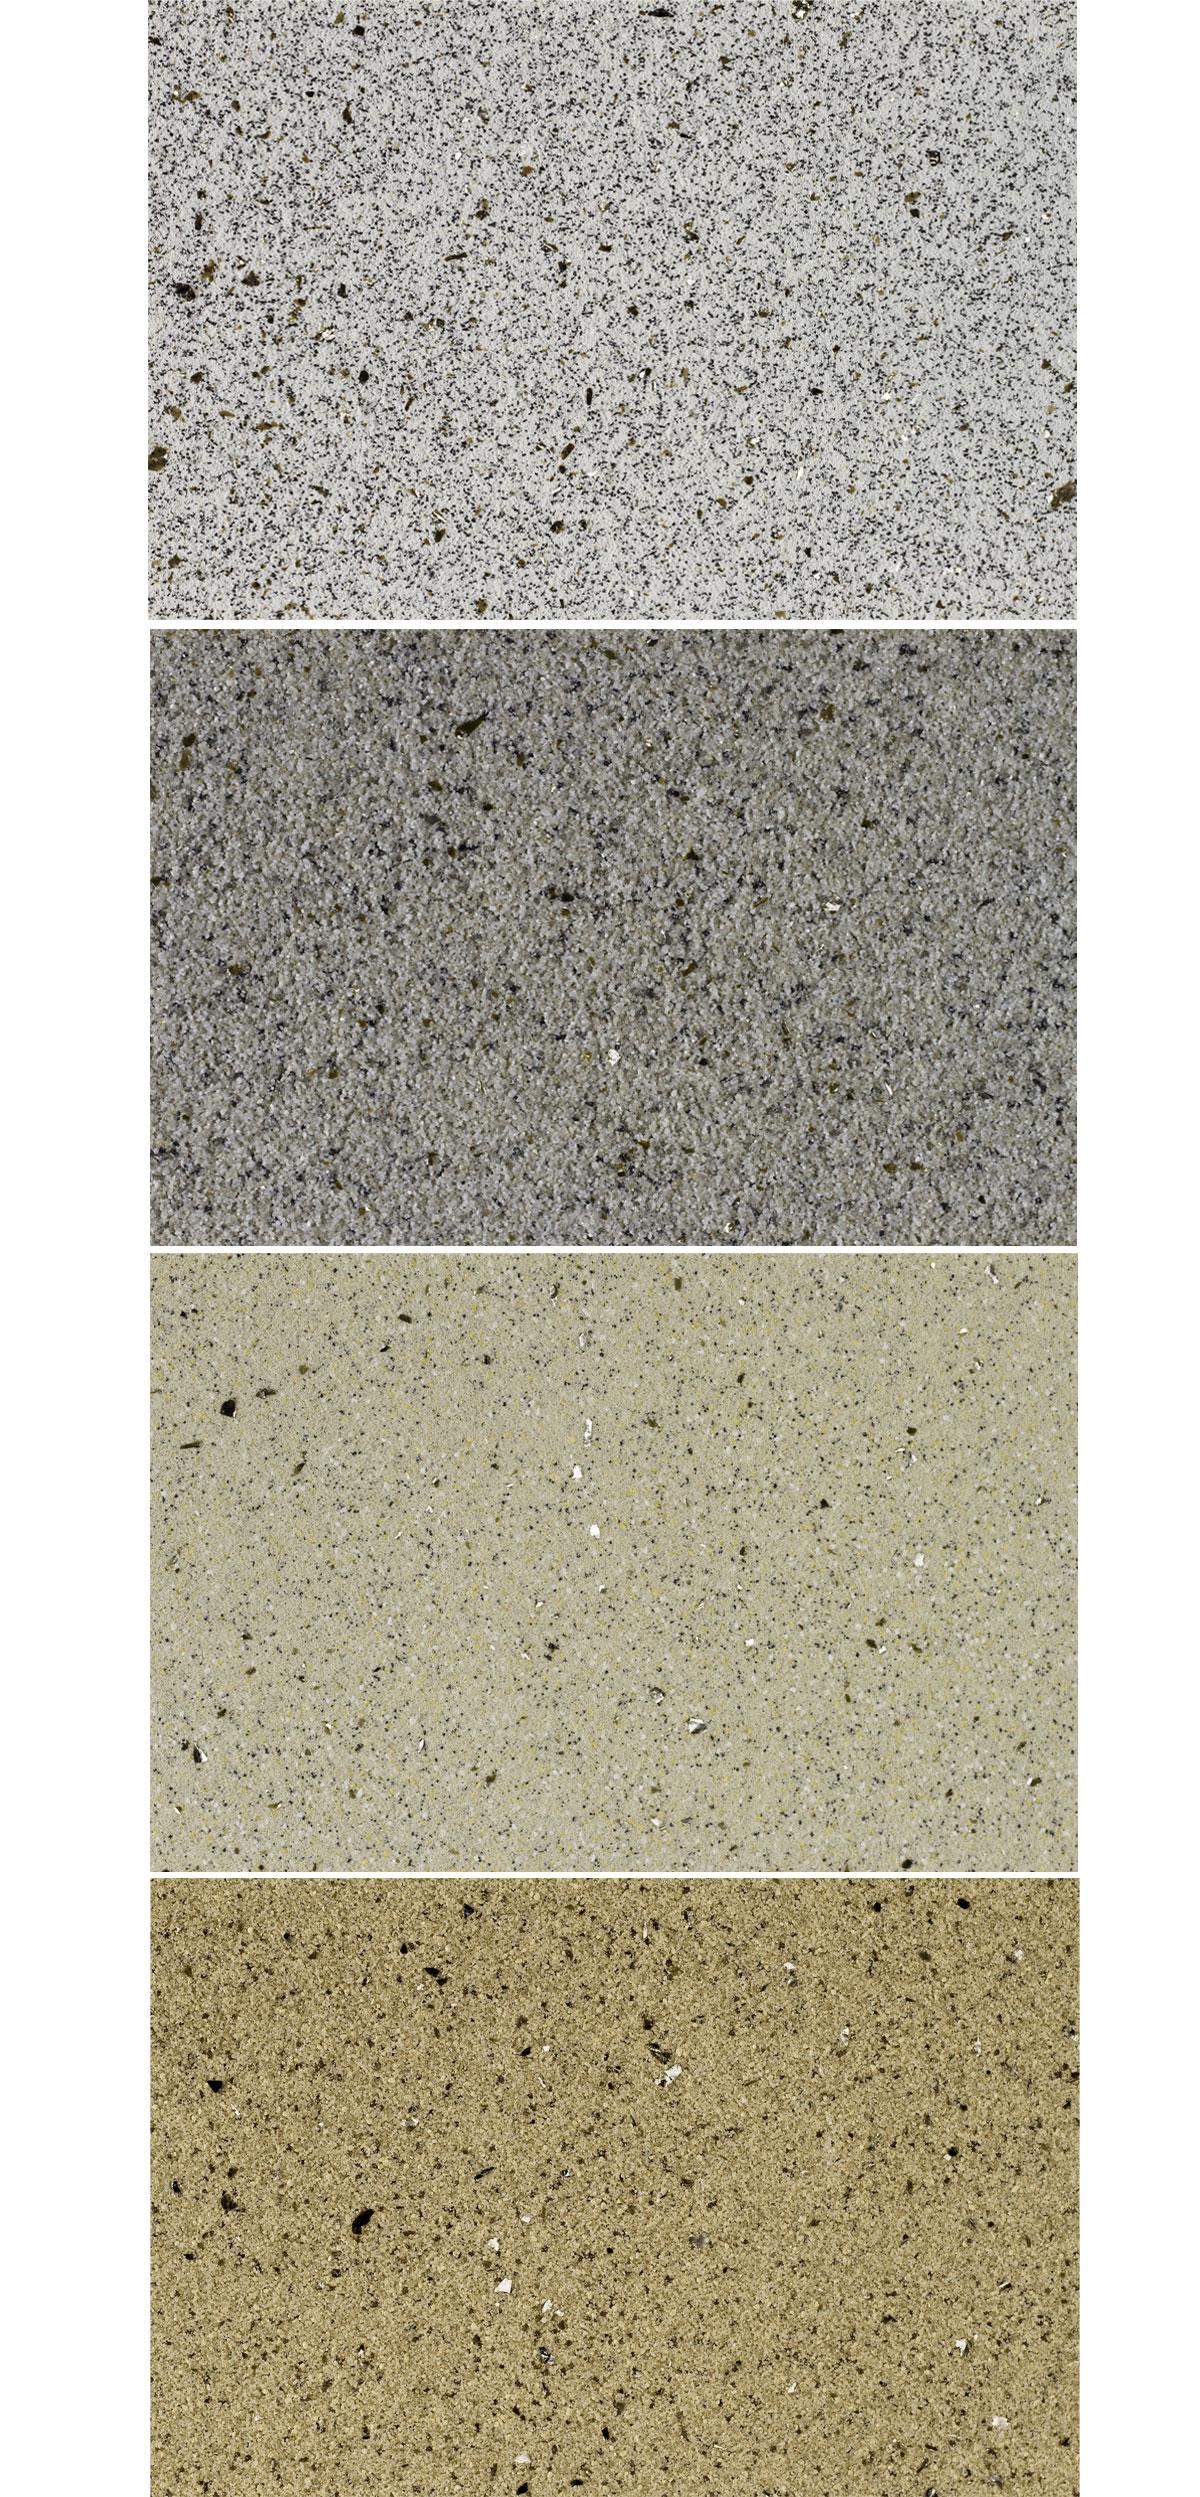 vzorkovník omítky Cemix v odstínech GRANIT WHITE, GRANIT GREY, SAND SAHARA a SAND STONE